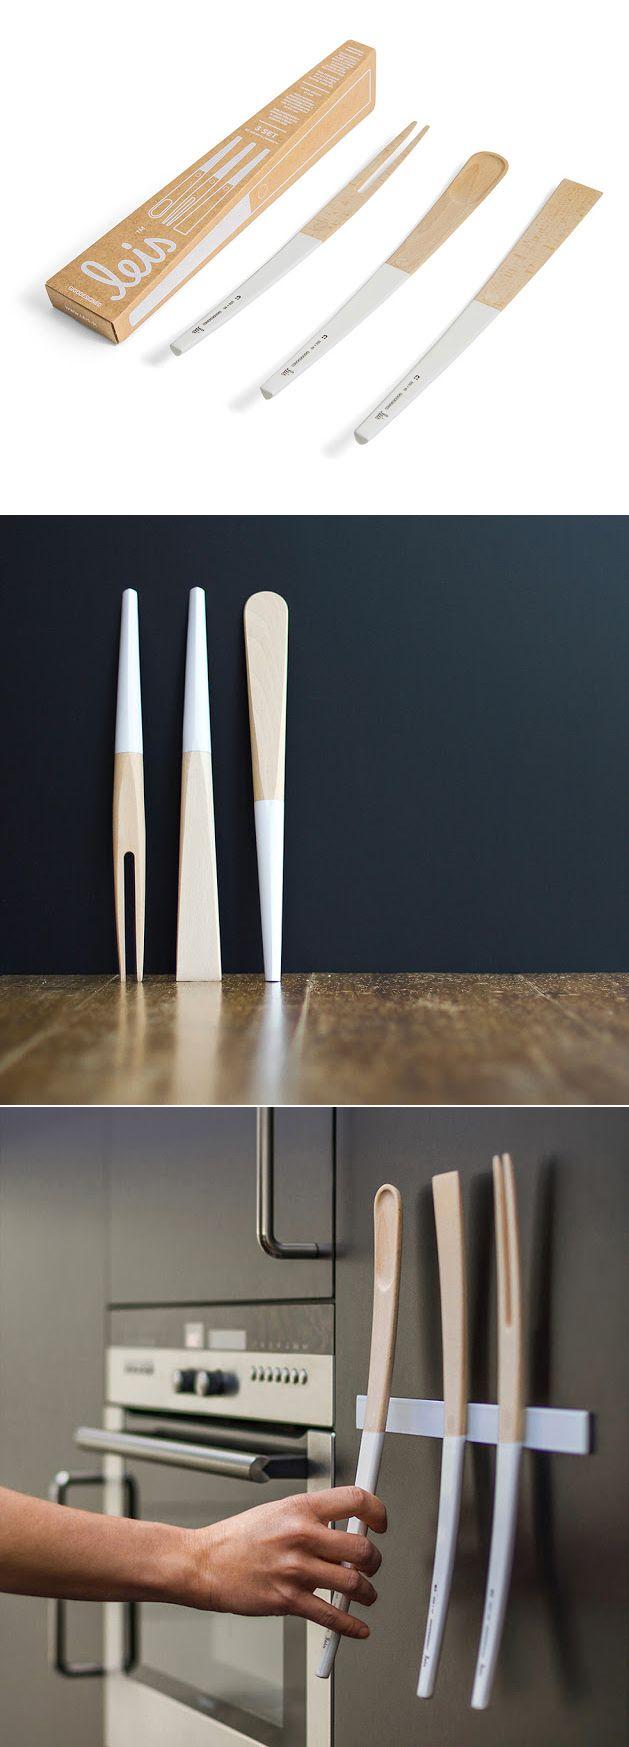 top 25 best traditional serving utensils ideas on pinterest leis kitchen thingskitchen utensilscontemporary